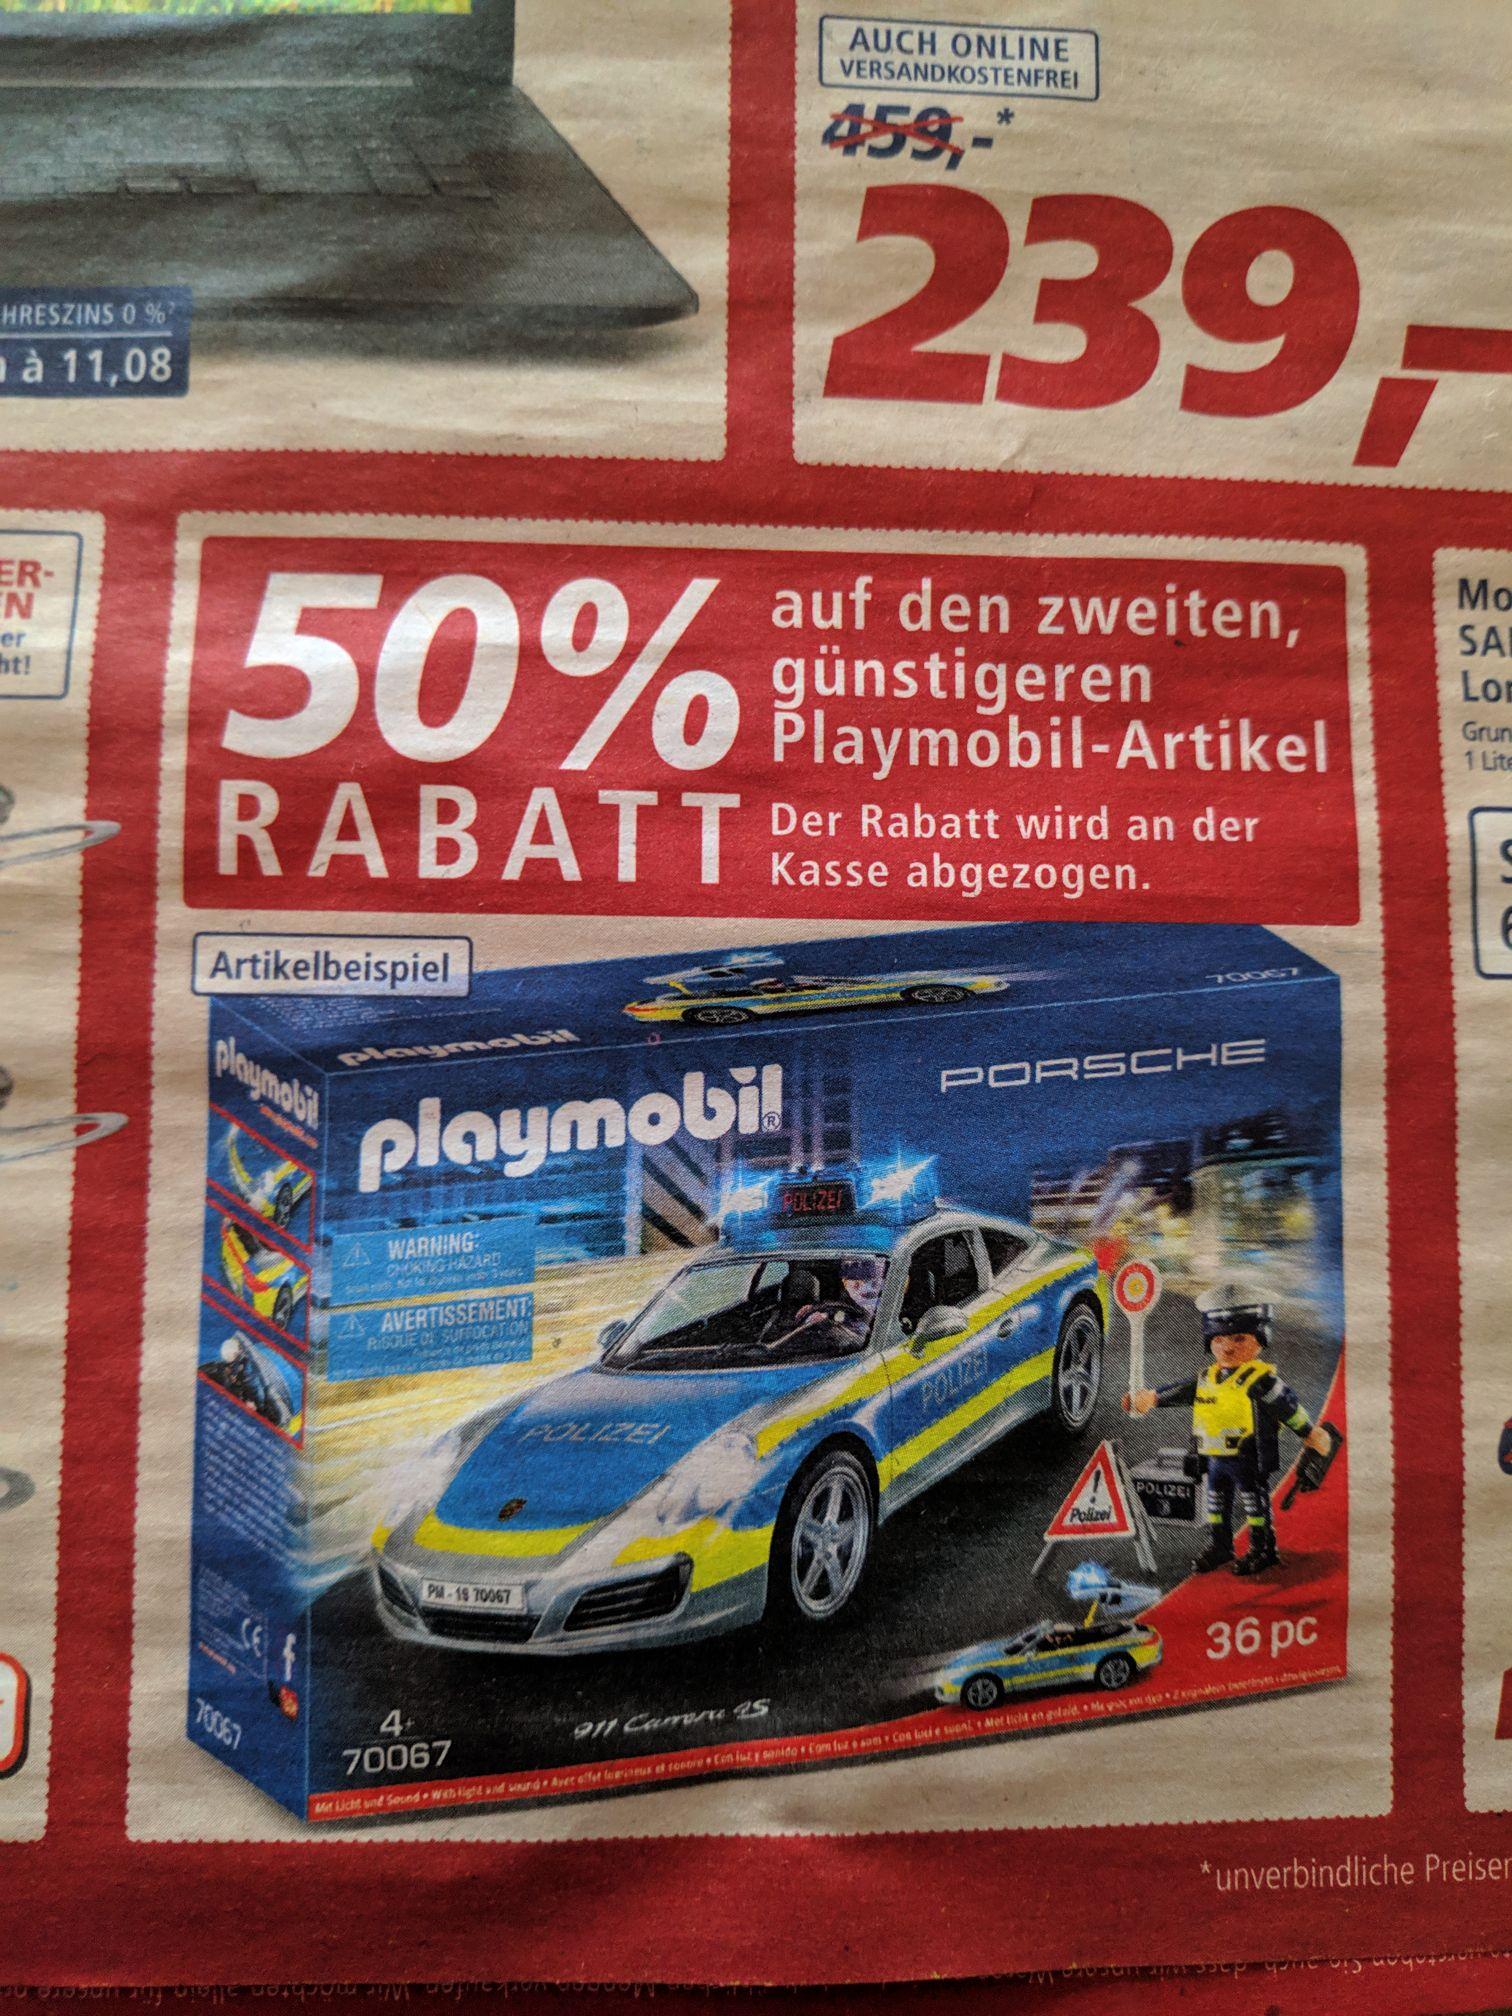 Real 50% auf den zweiten, günstigeren Playmobil Artikel (bundesweit?!)